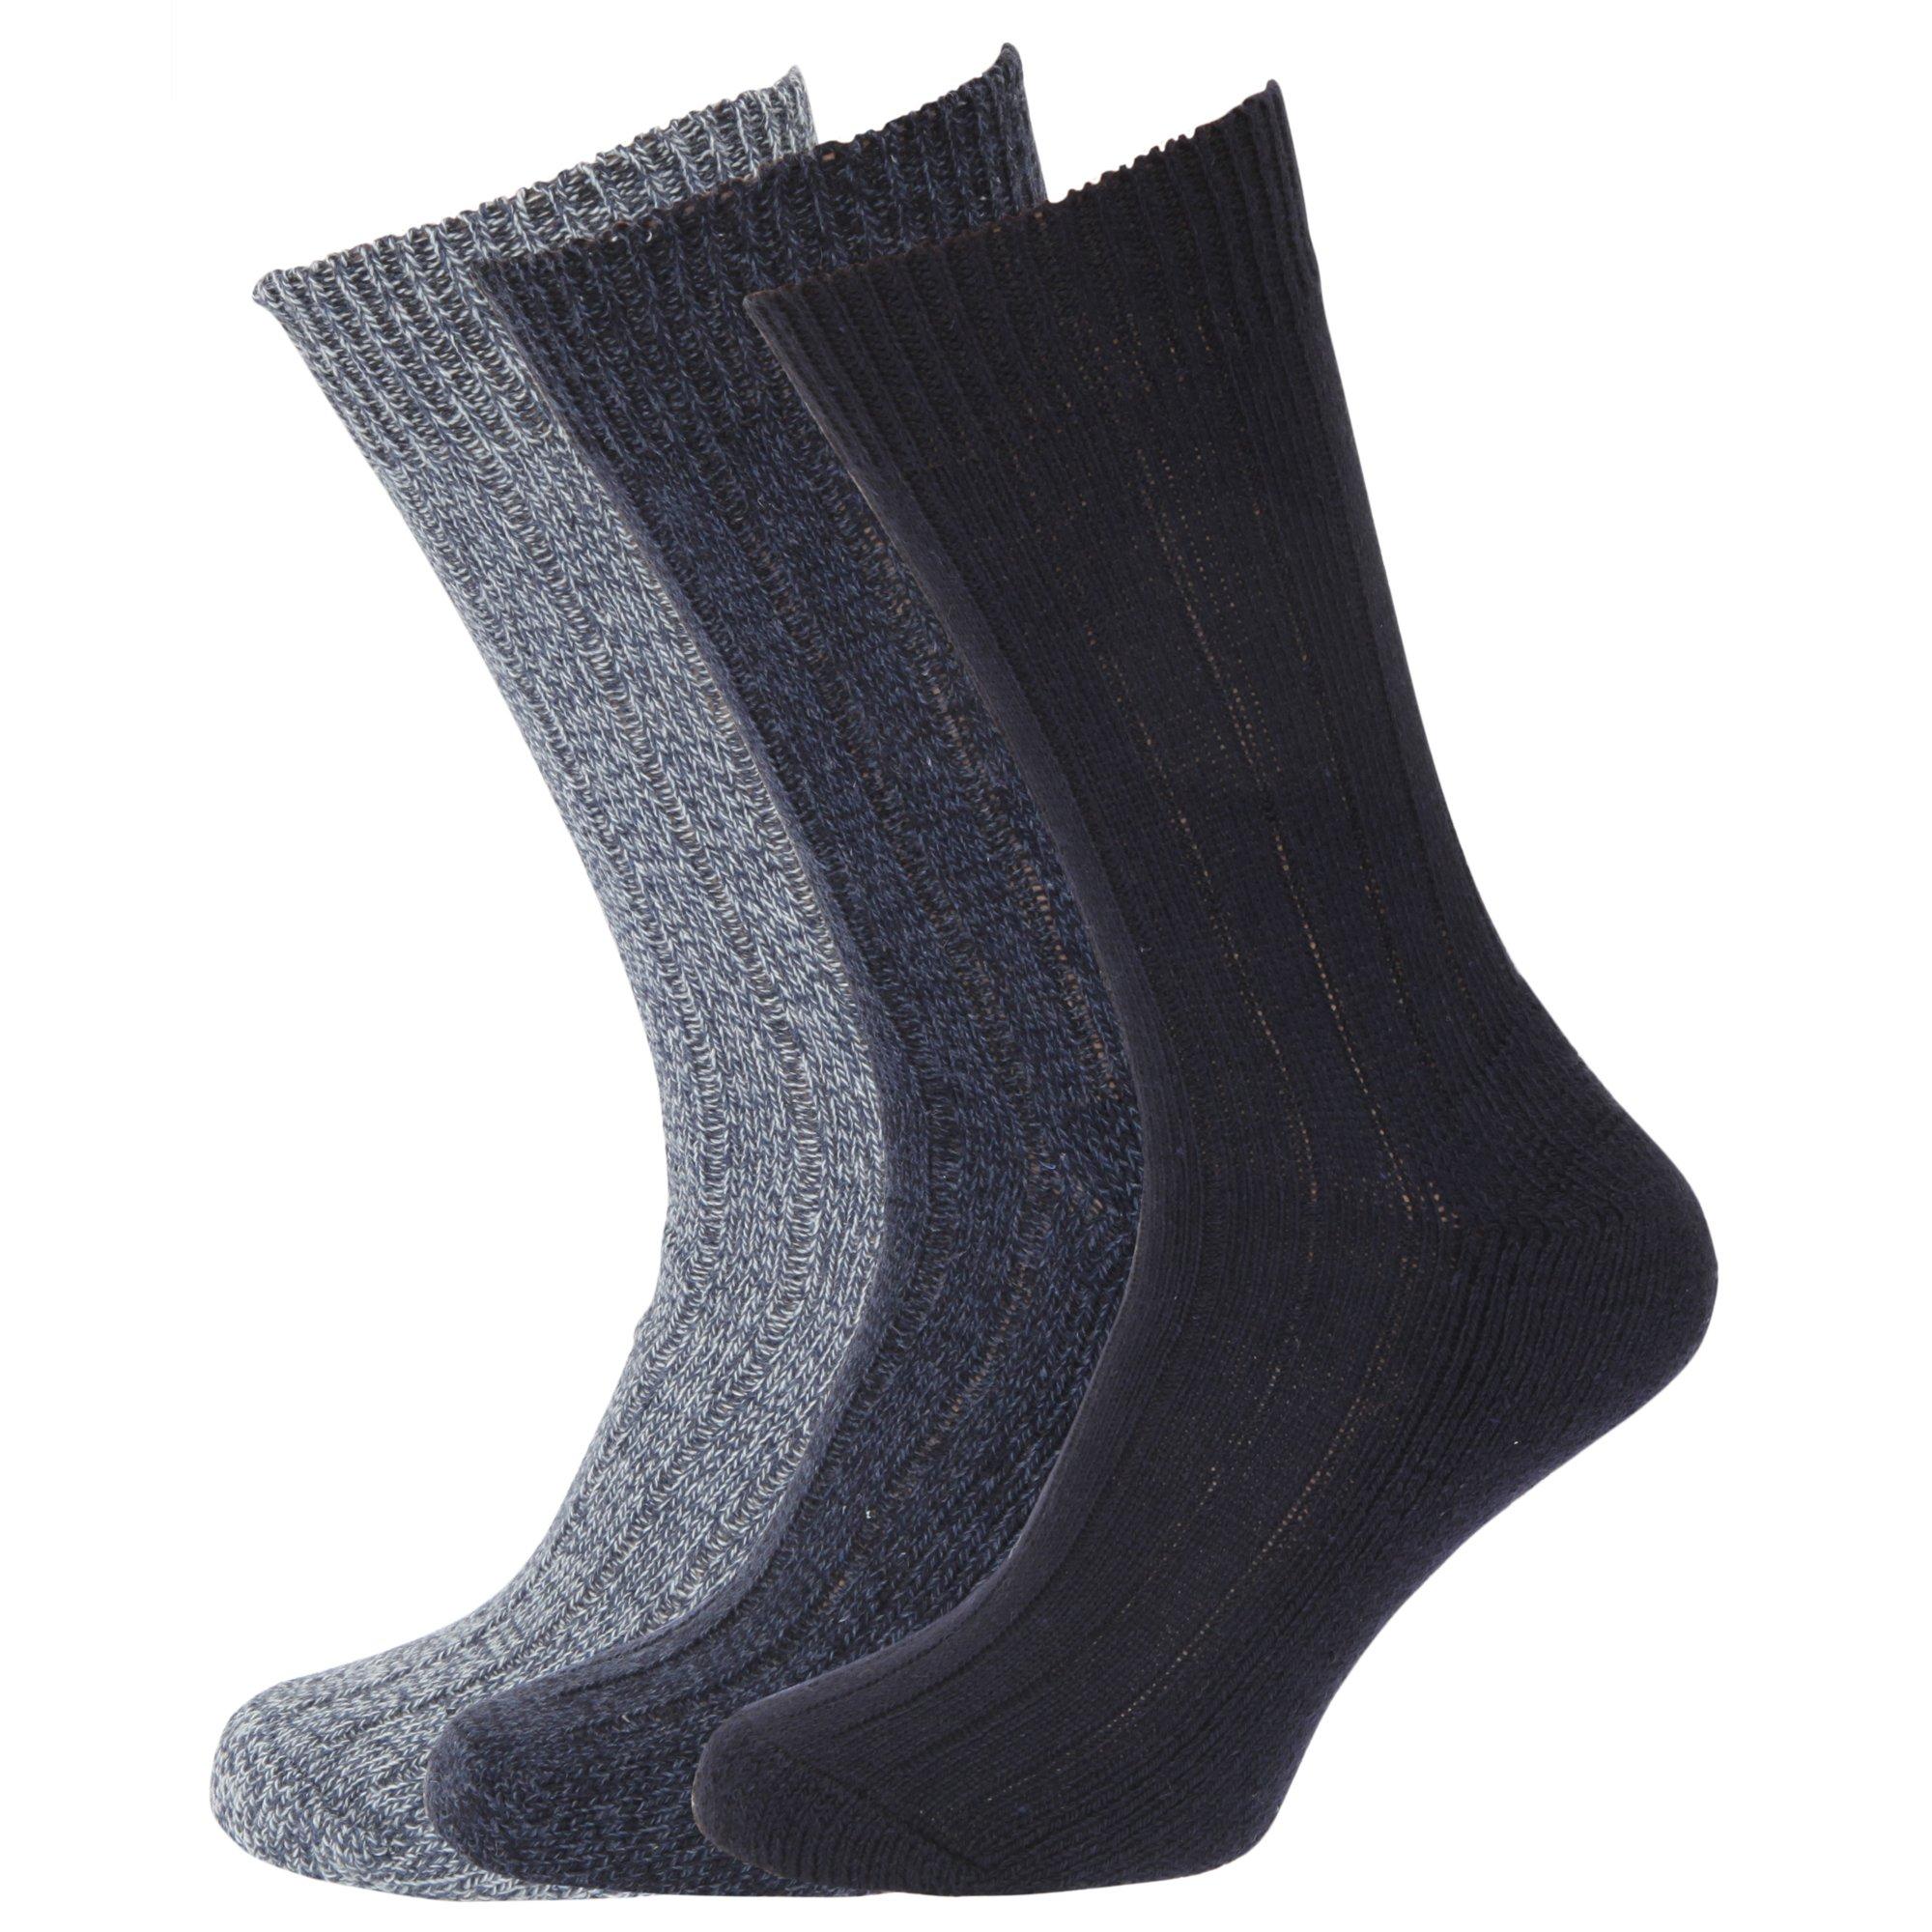 Calcetines para hombre Mezcla de Lana (paquete de 3)